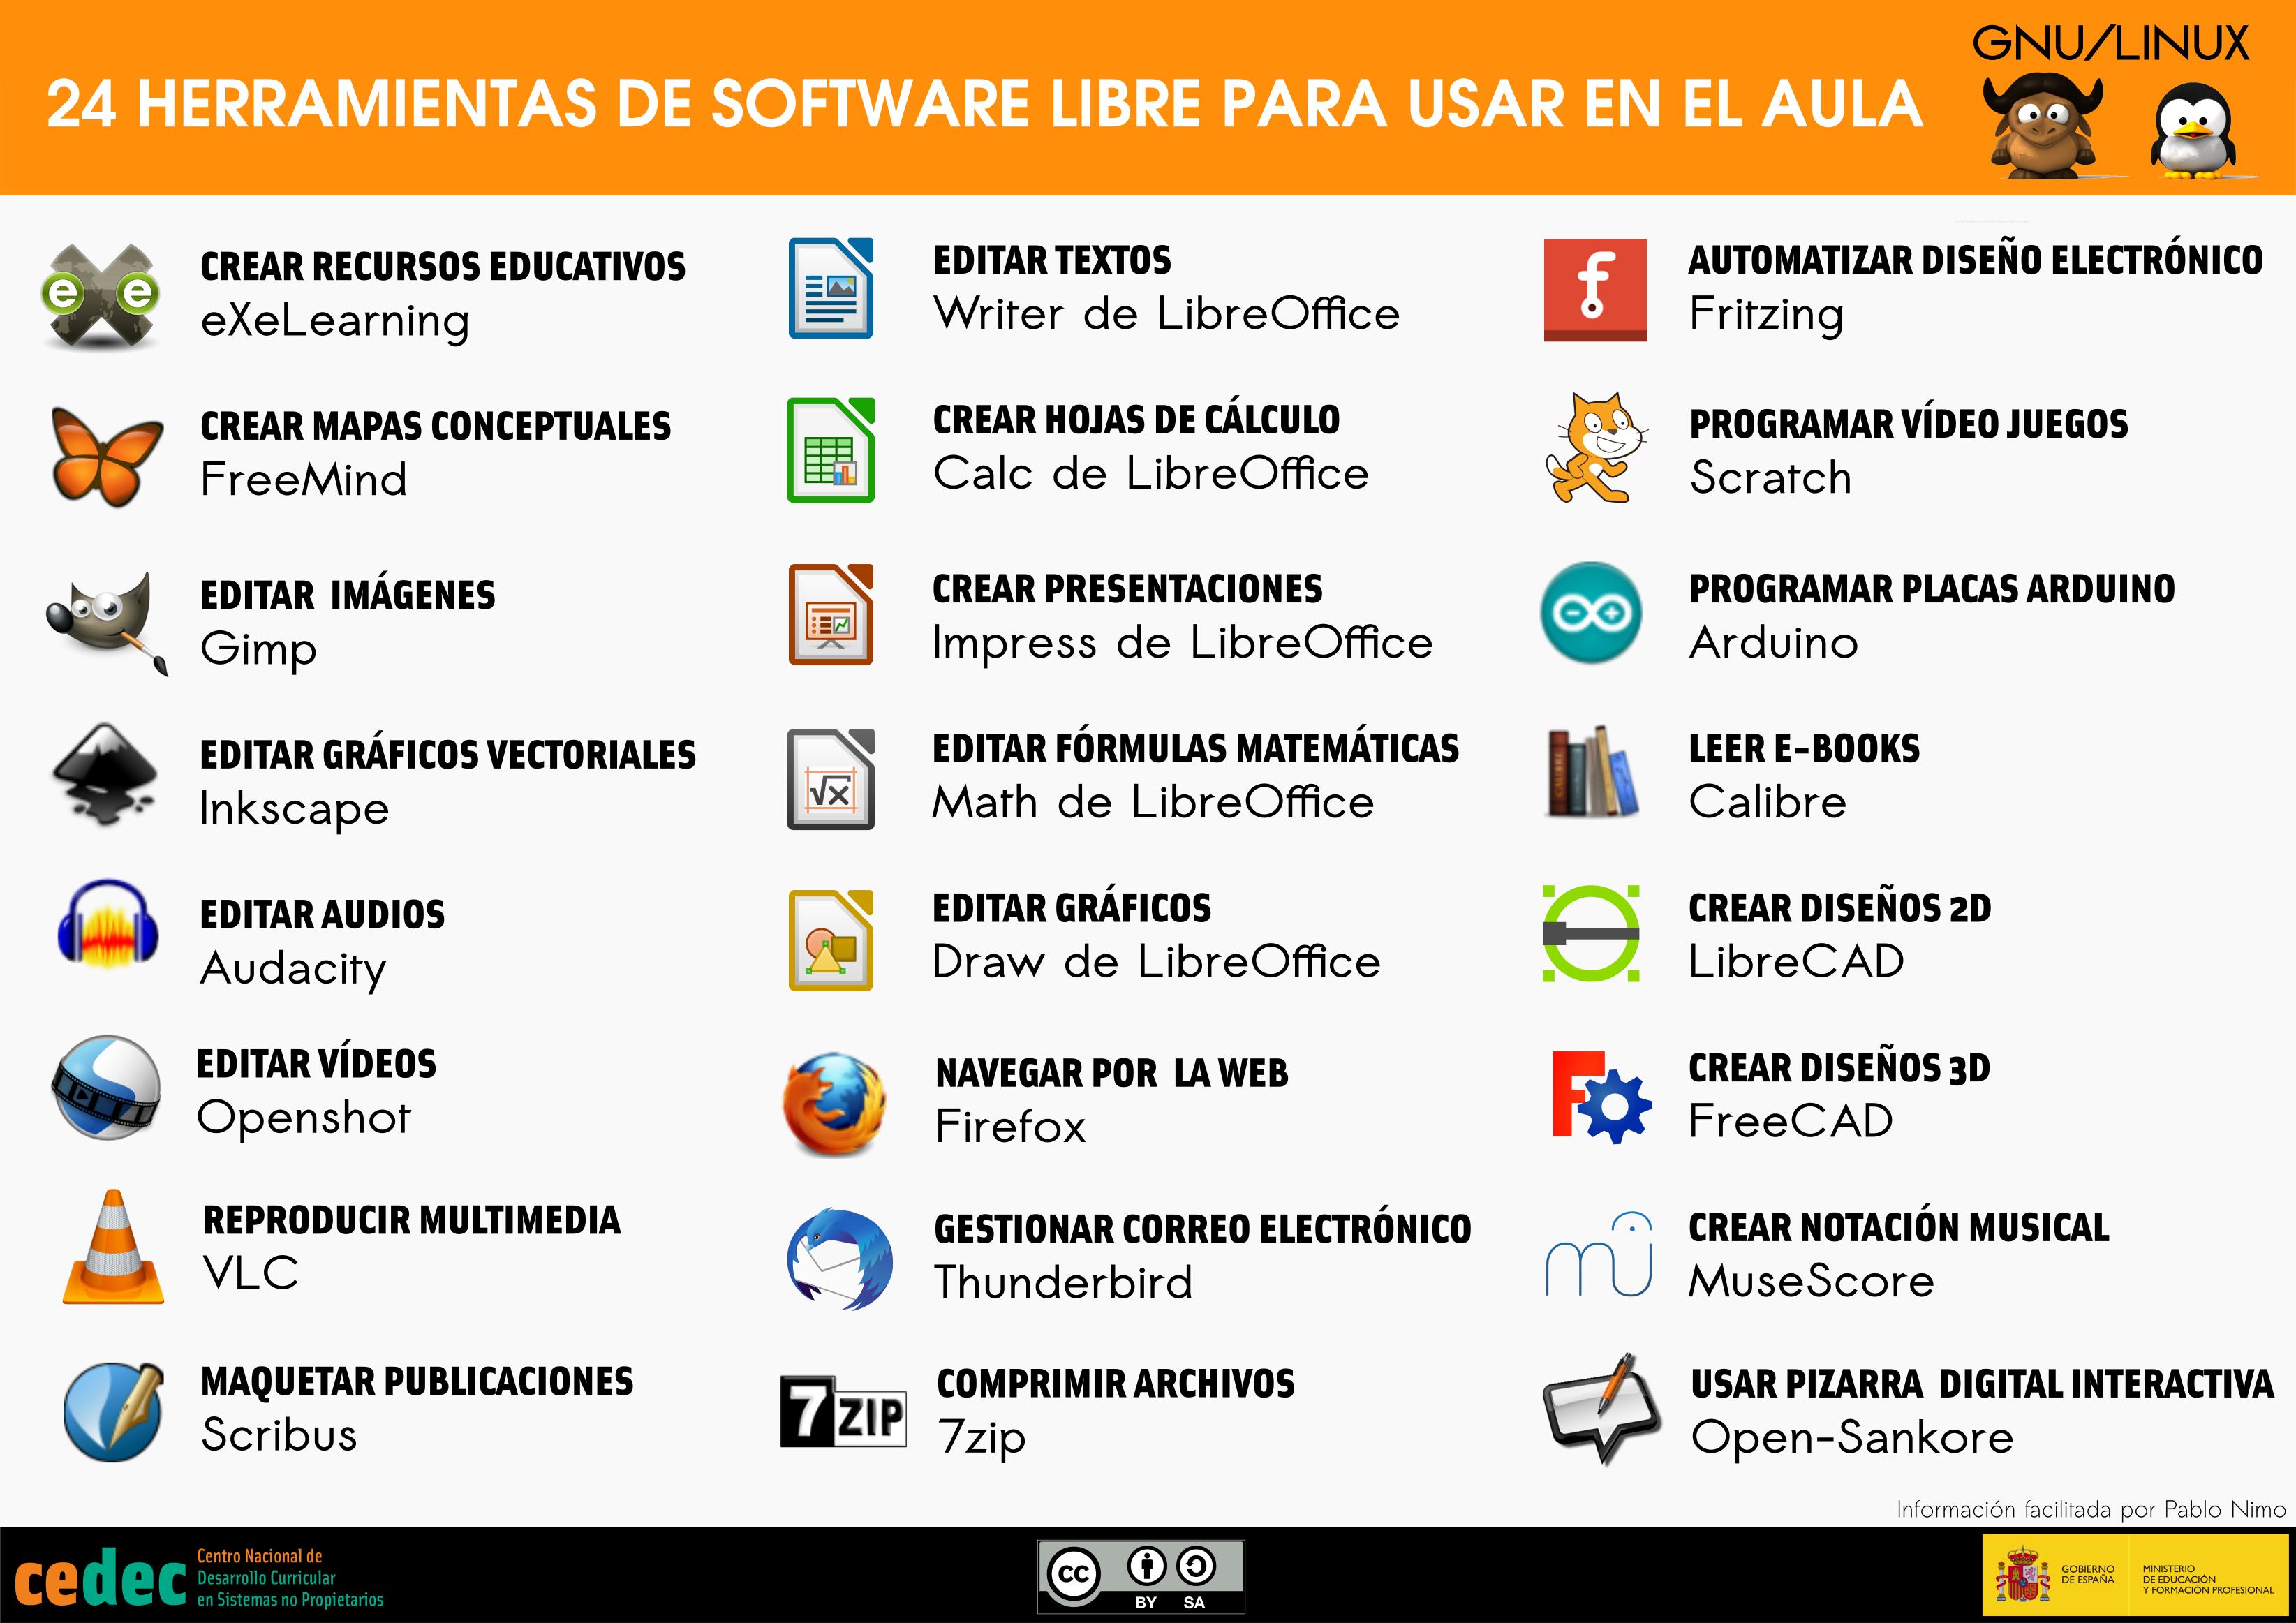 24 herramientas de software libre para el aula. | Cedec